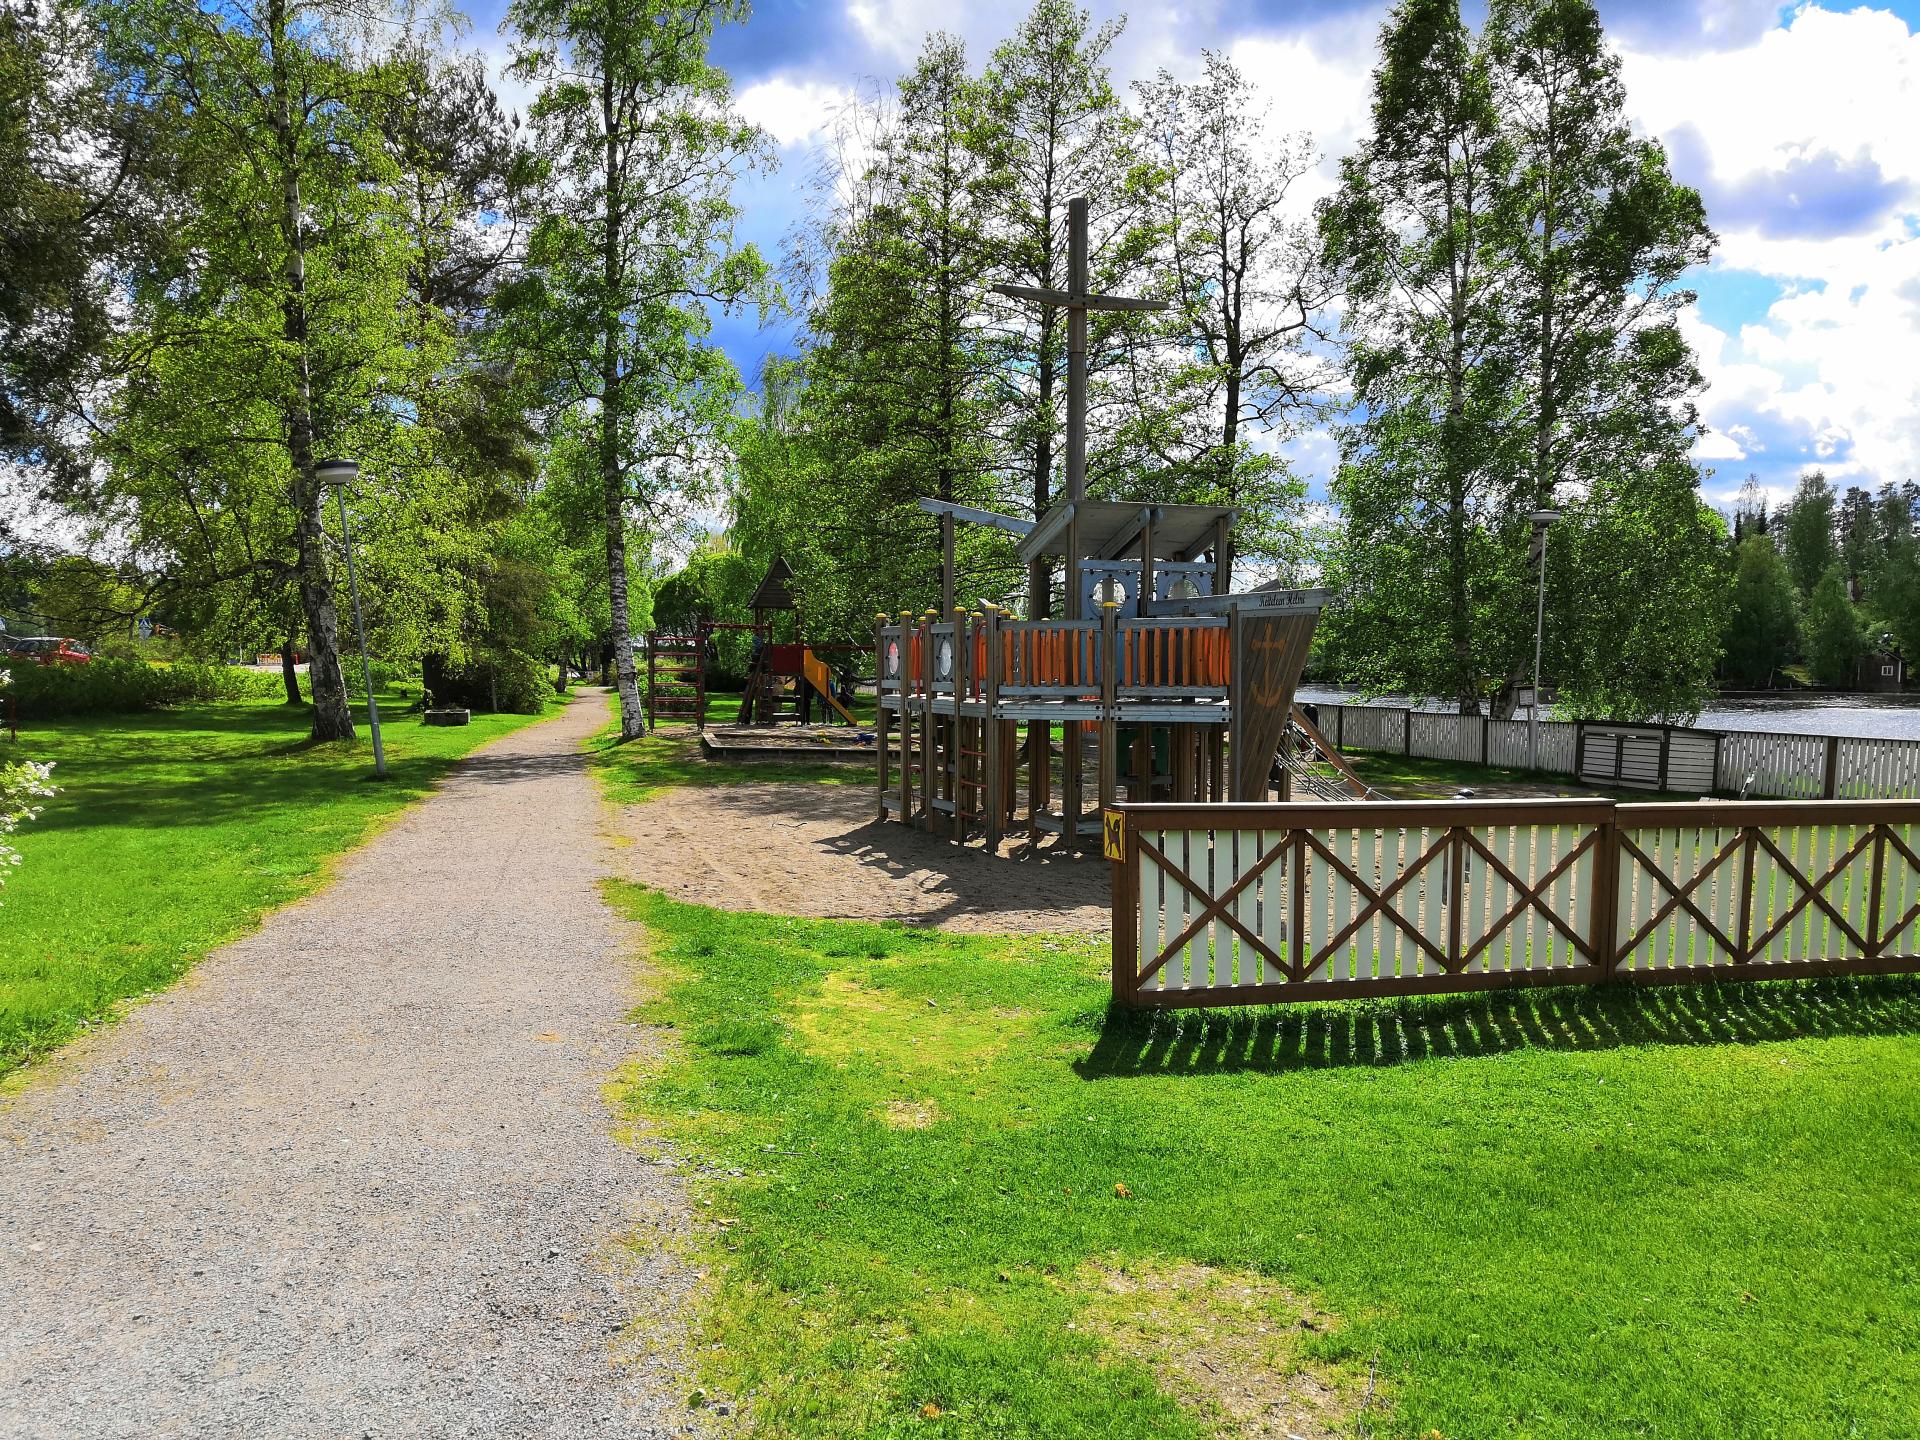 Porthaninpuiston leikkialue sekä puiston läpikulkeva polku